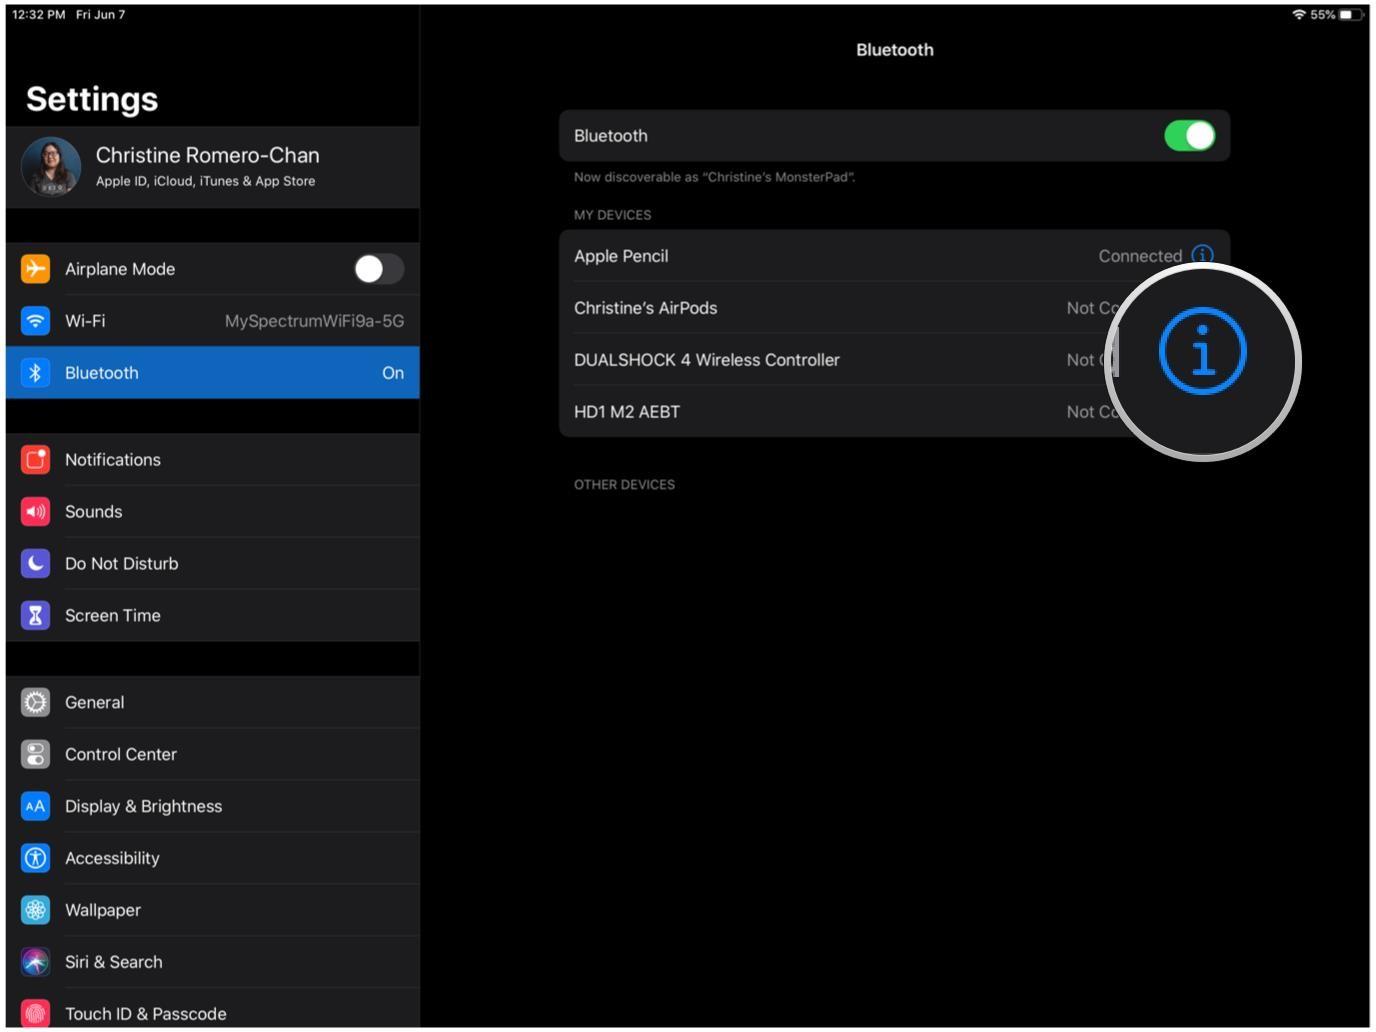 cách hủy kết nối dualshock 4 với iOS 13